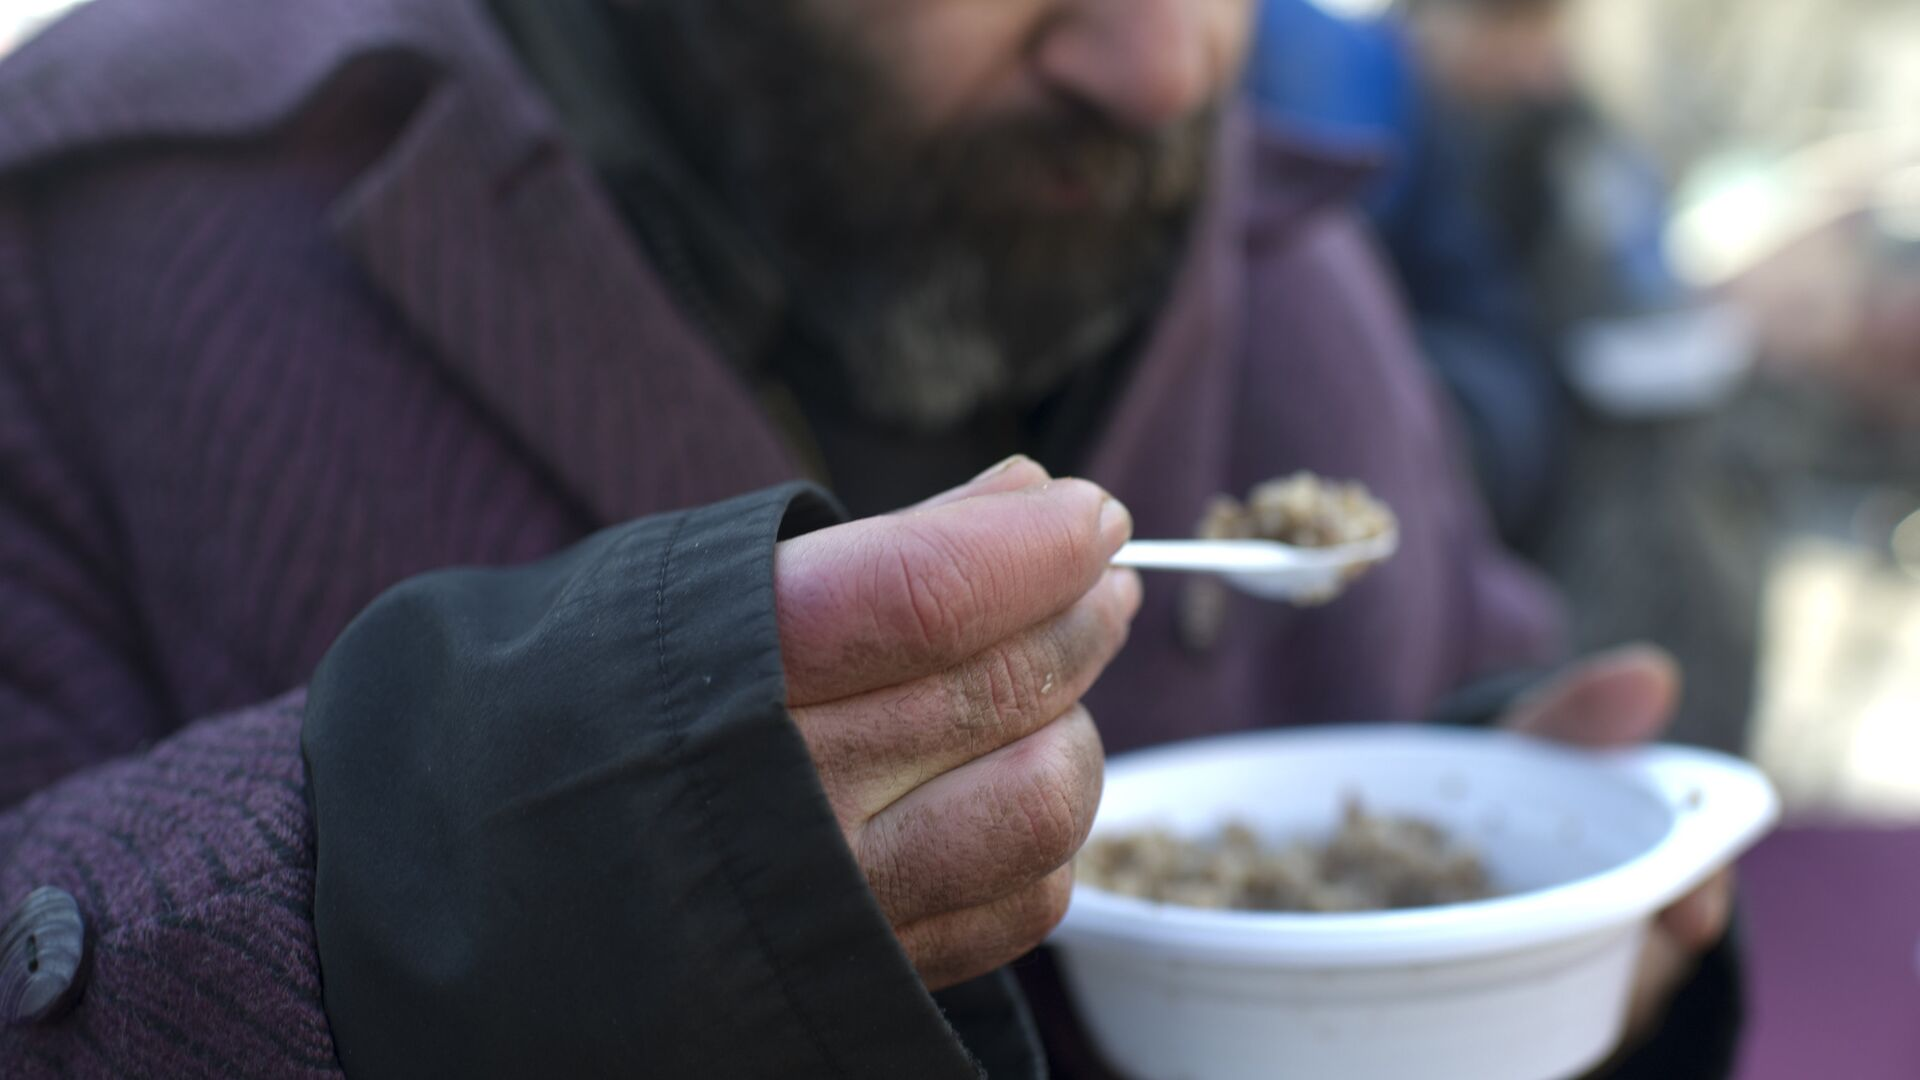 Акция по выдаче питания лицам без определенного места жительства. Архивное фото - Sputnik Латвия, 1920, 14.07.2021